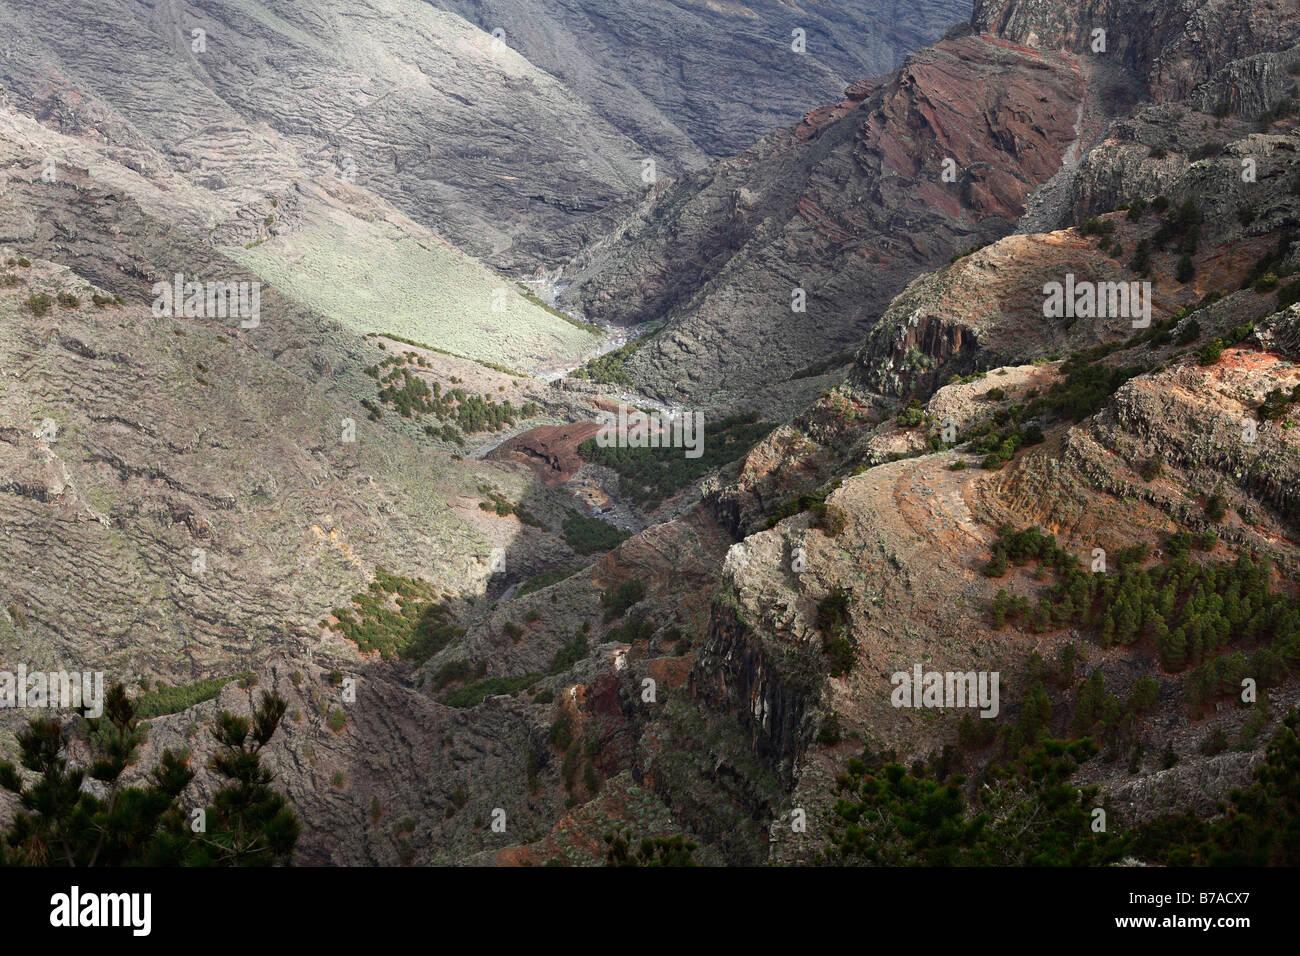 Barranco de Majona, canyon, La Gomera, Canary Islands, Spain, Europe - Stock Image